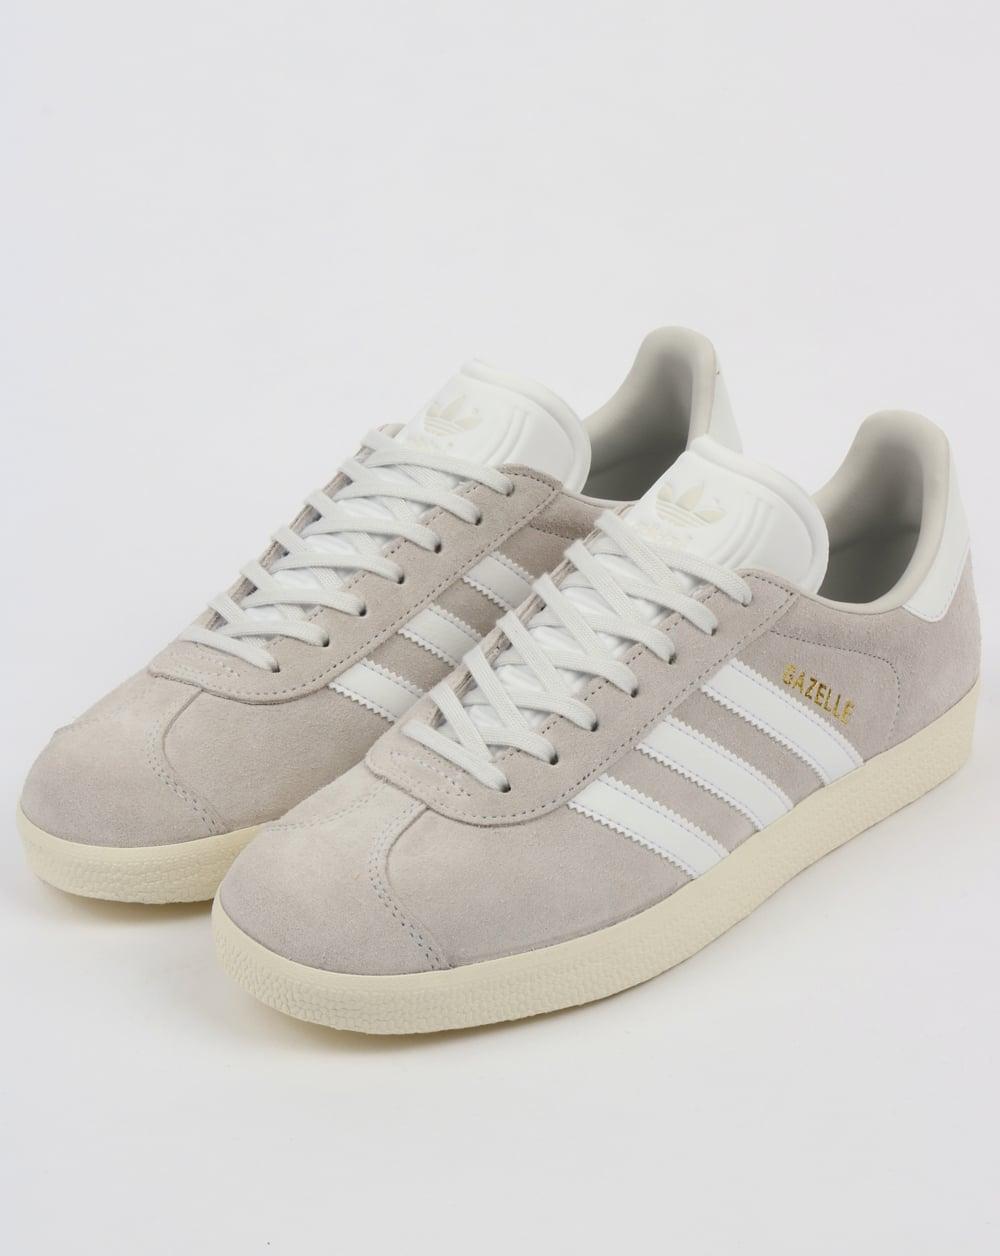 adidas gazelle chrystal white